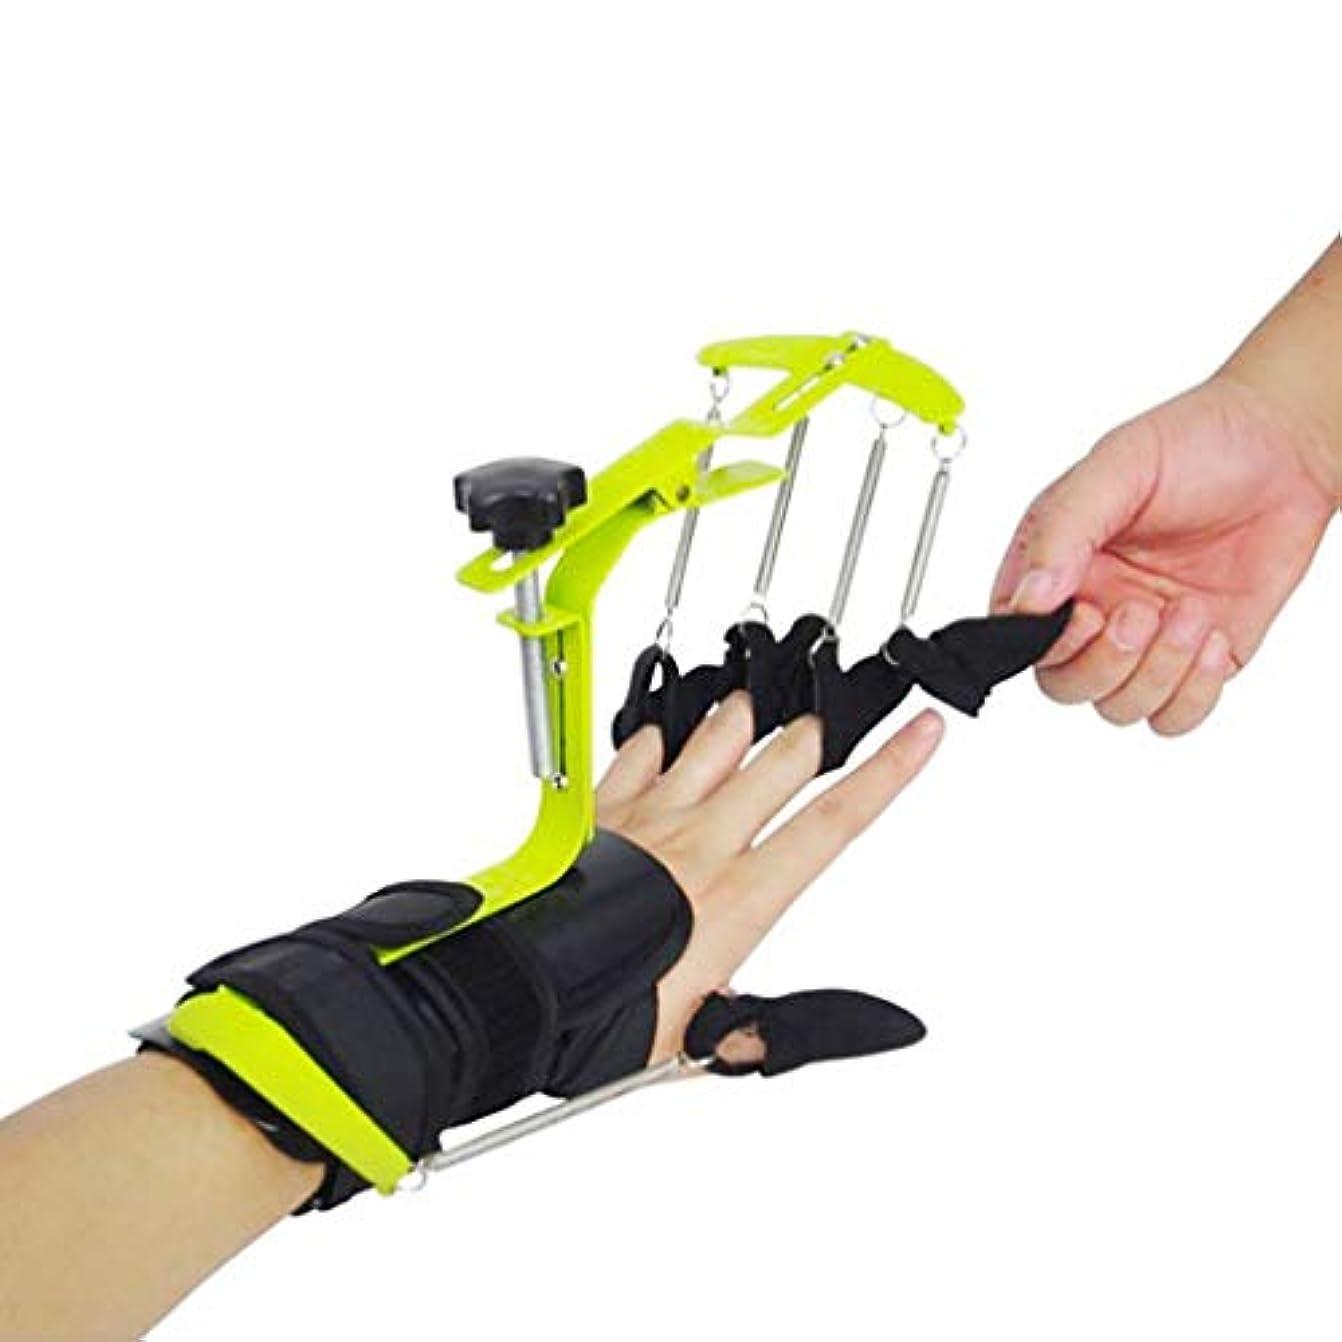 厚さ異形雑種動的装具多機能アジャスタブルアルミサポートエクステンション矯正関節炎マレットフィンガーナックルブレース捻挫フィンガートレーナー大人用